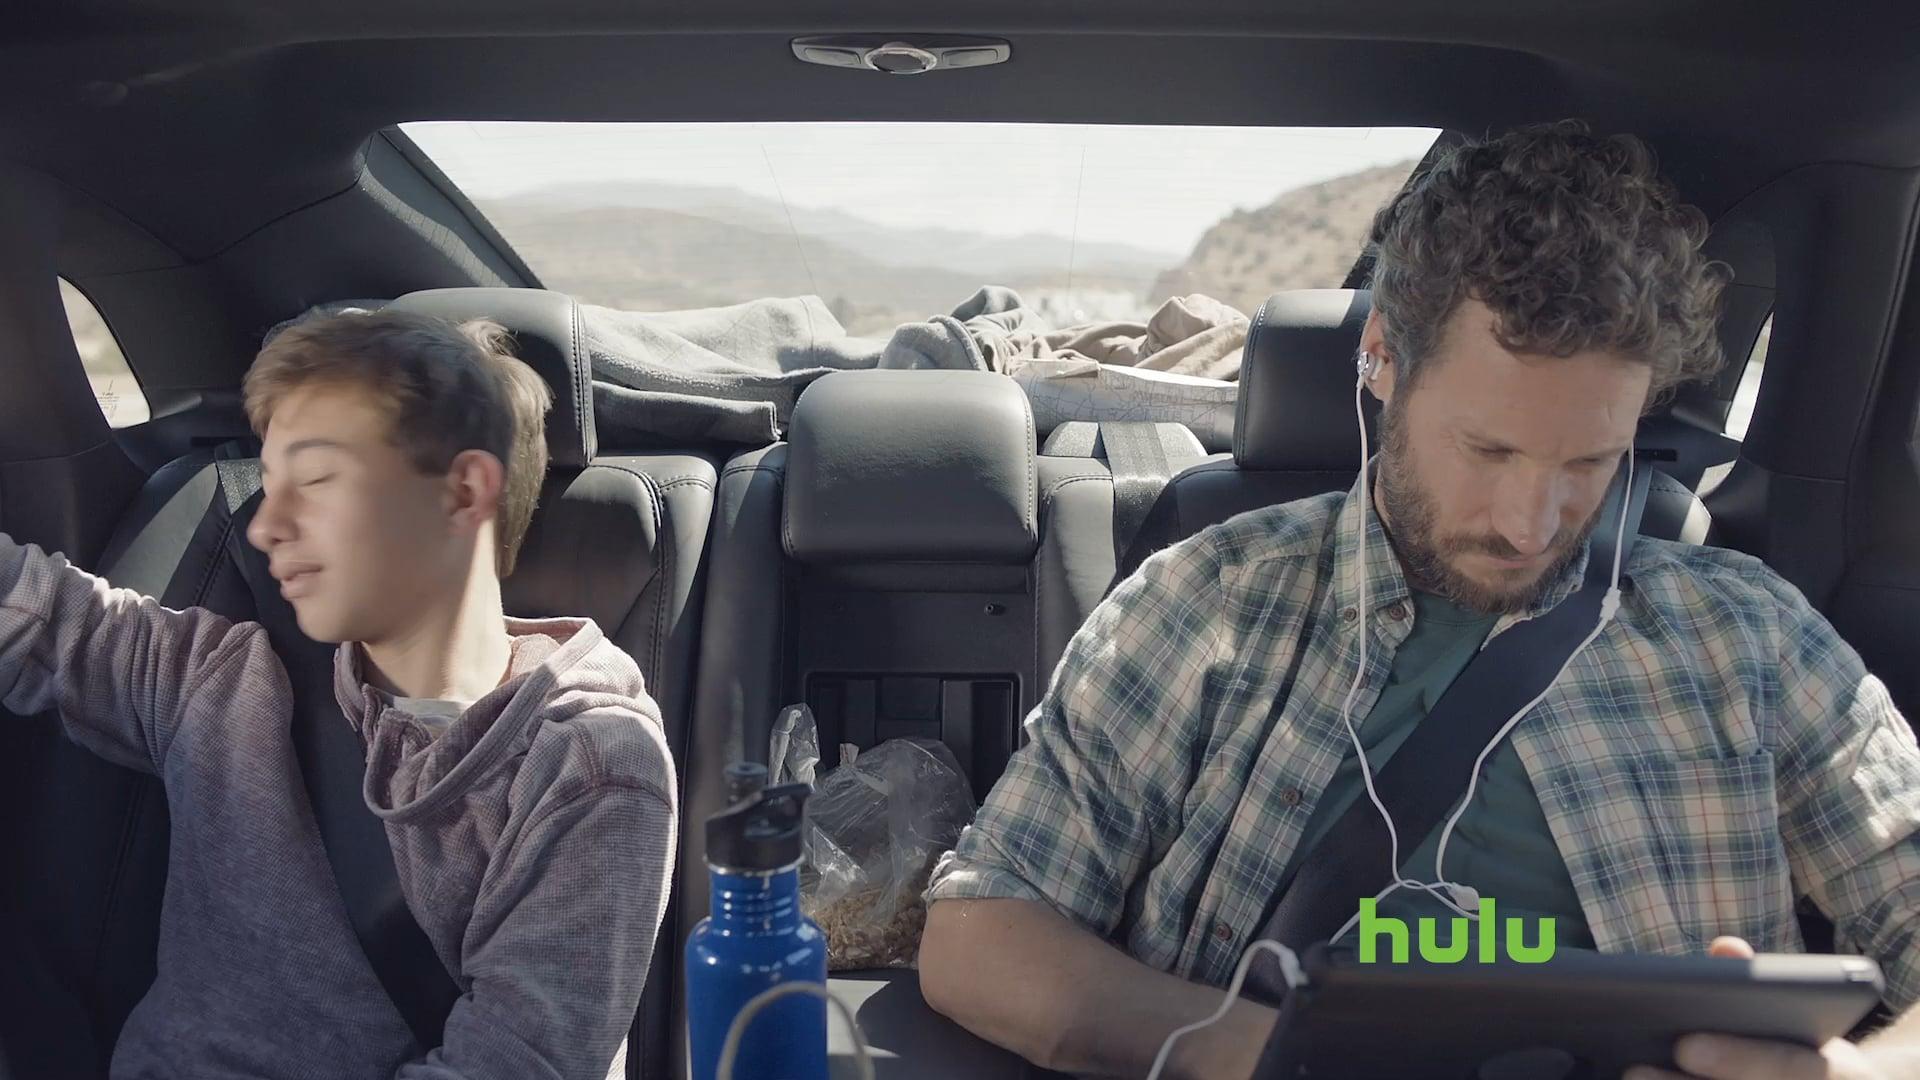 Hulu Summer 2016 Road Trip Spot